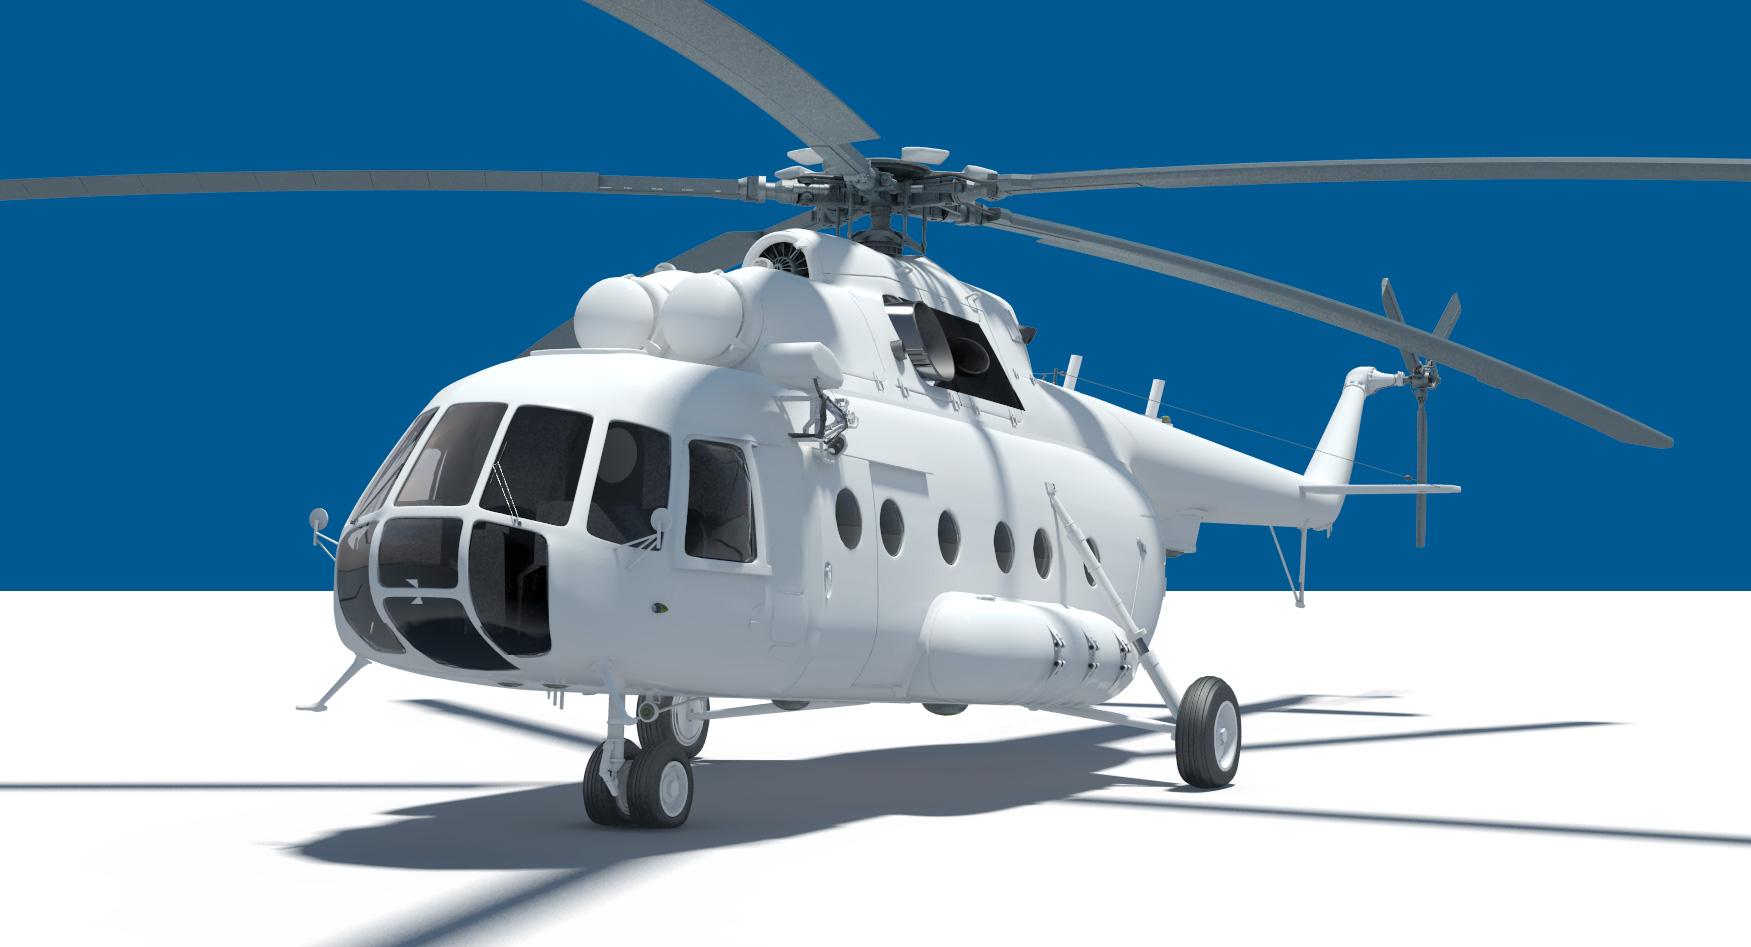 mi-8 mi17 helicopter